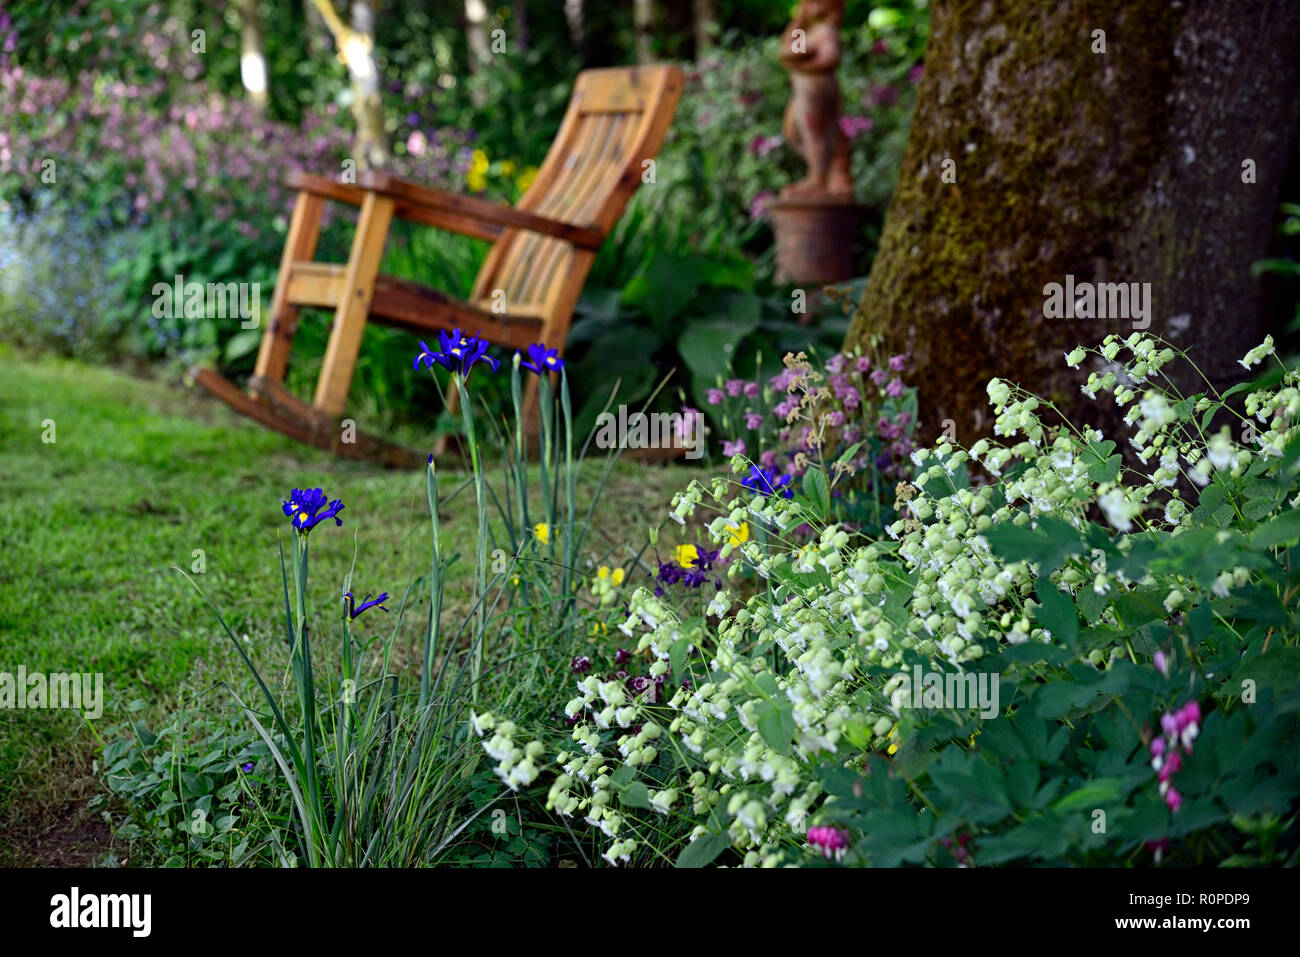 Yellow Garden Furniture Stock Photos Amp Yellow Garden